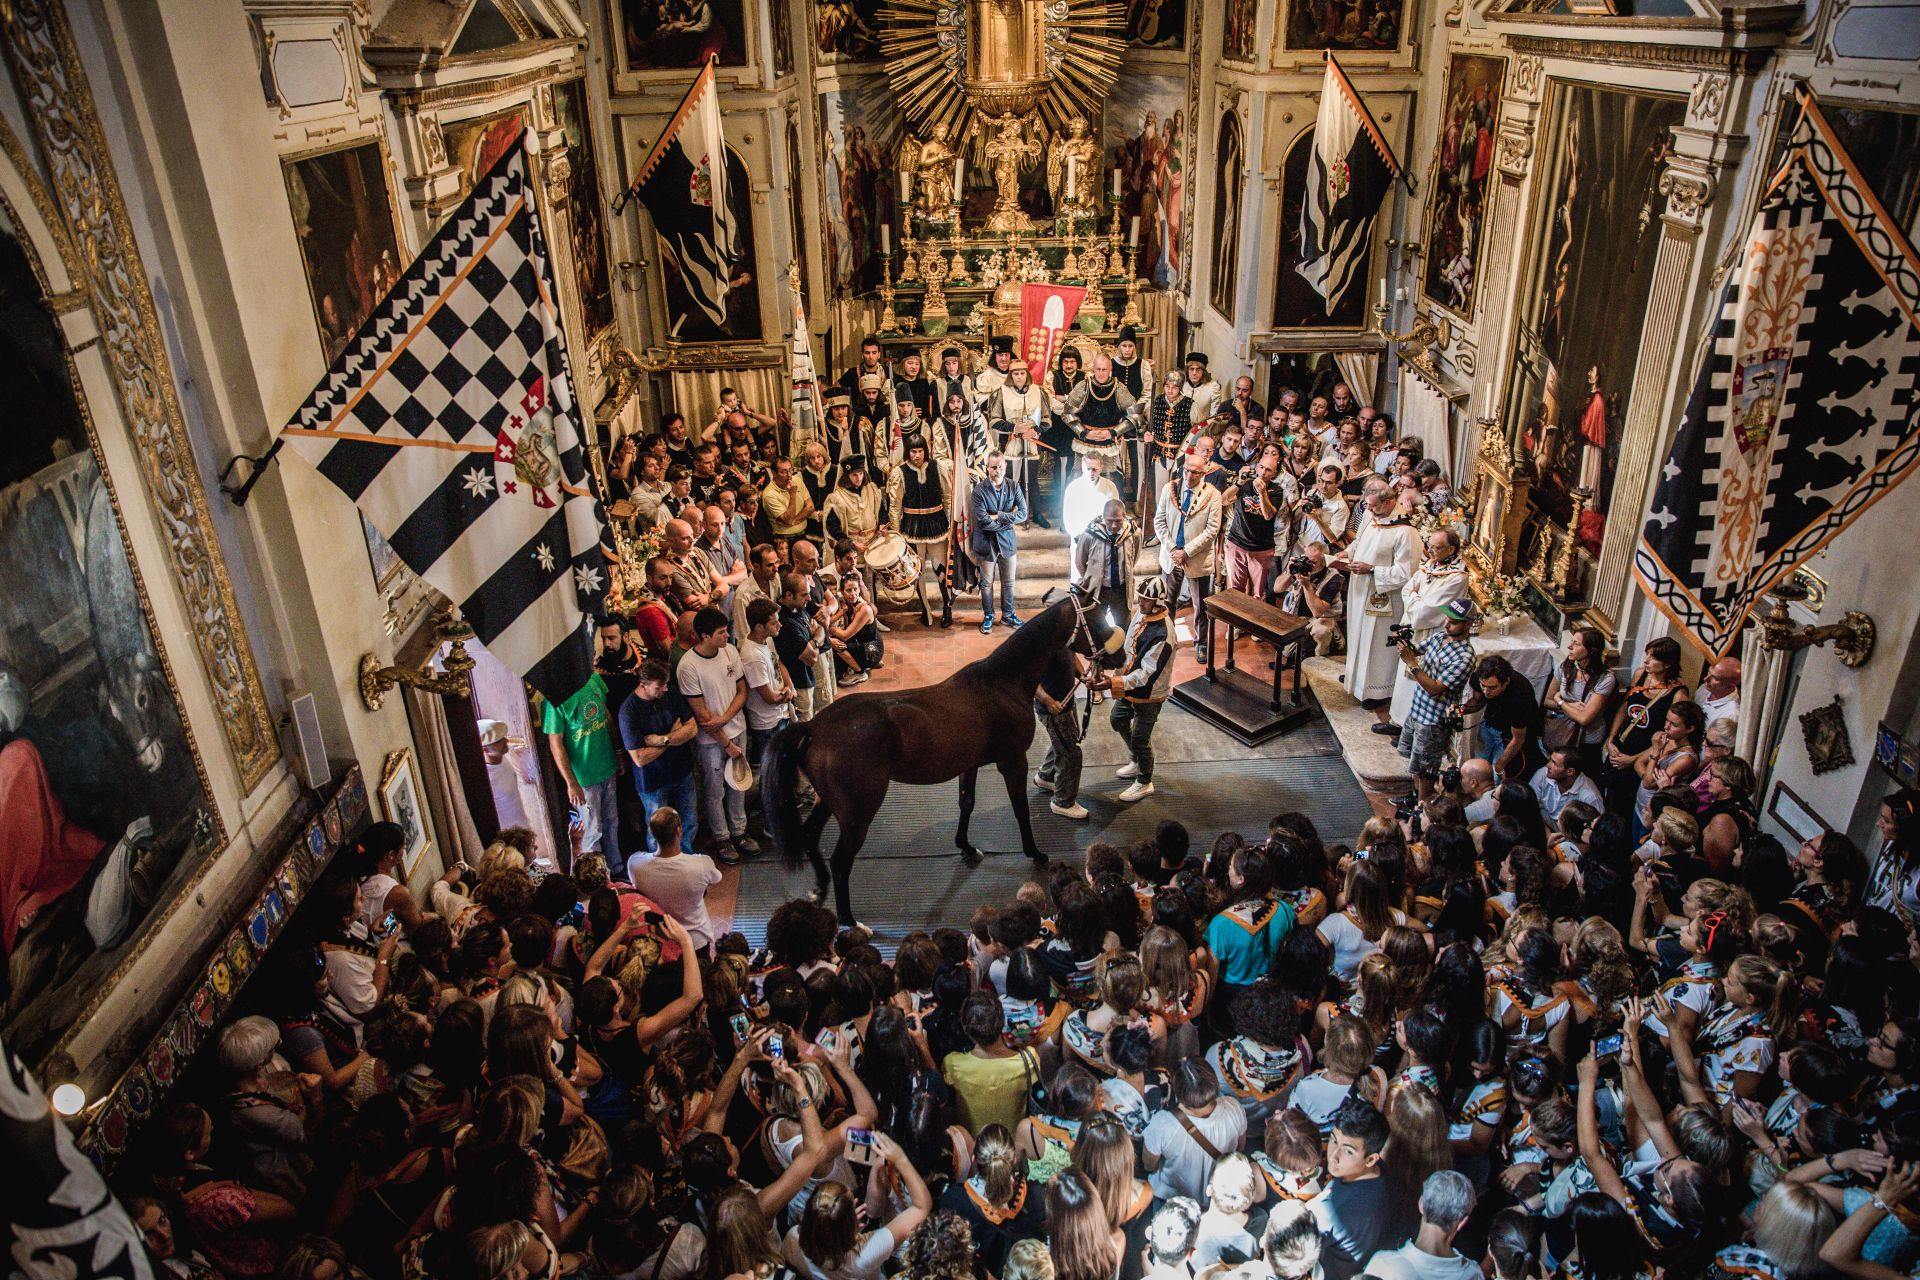 RELIGIOUS HORSE BENEDICTION IN SIENA